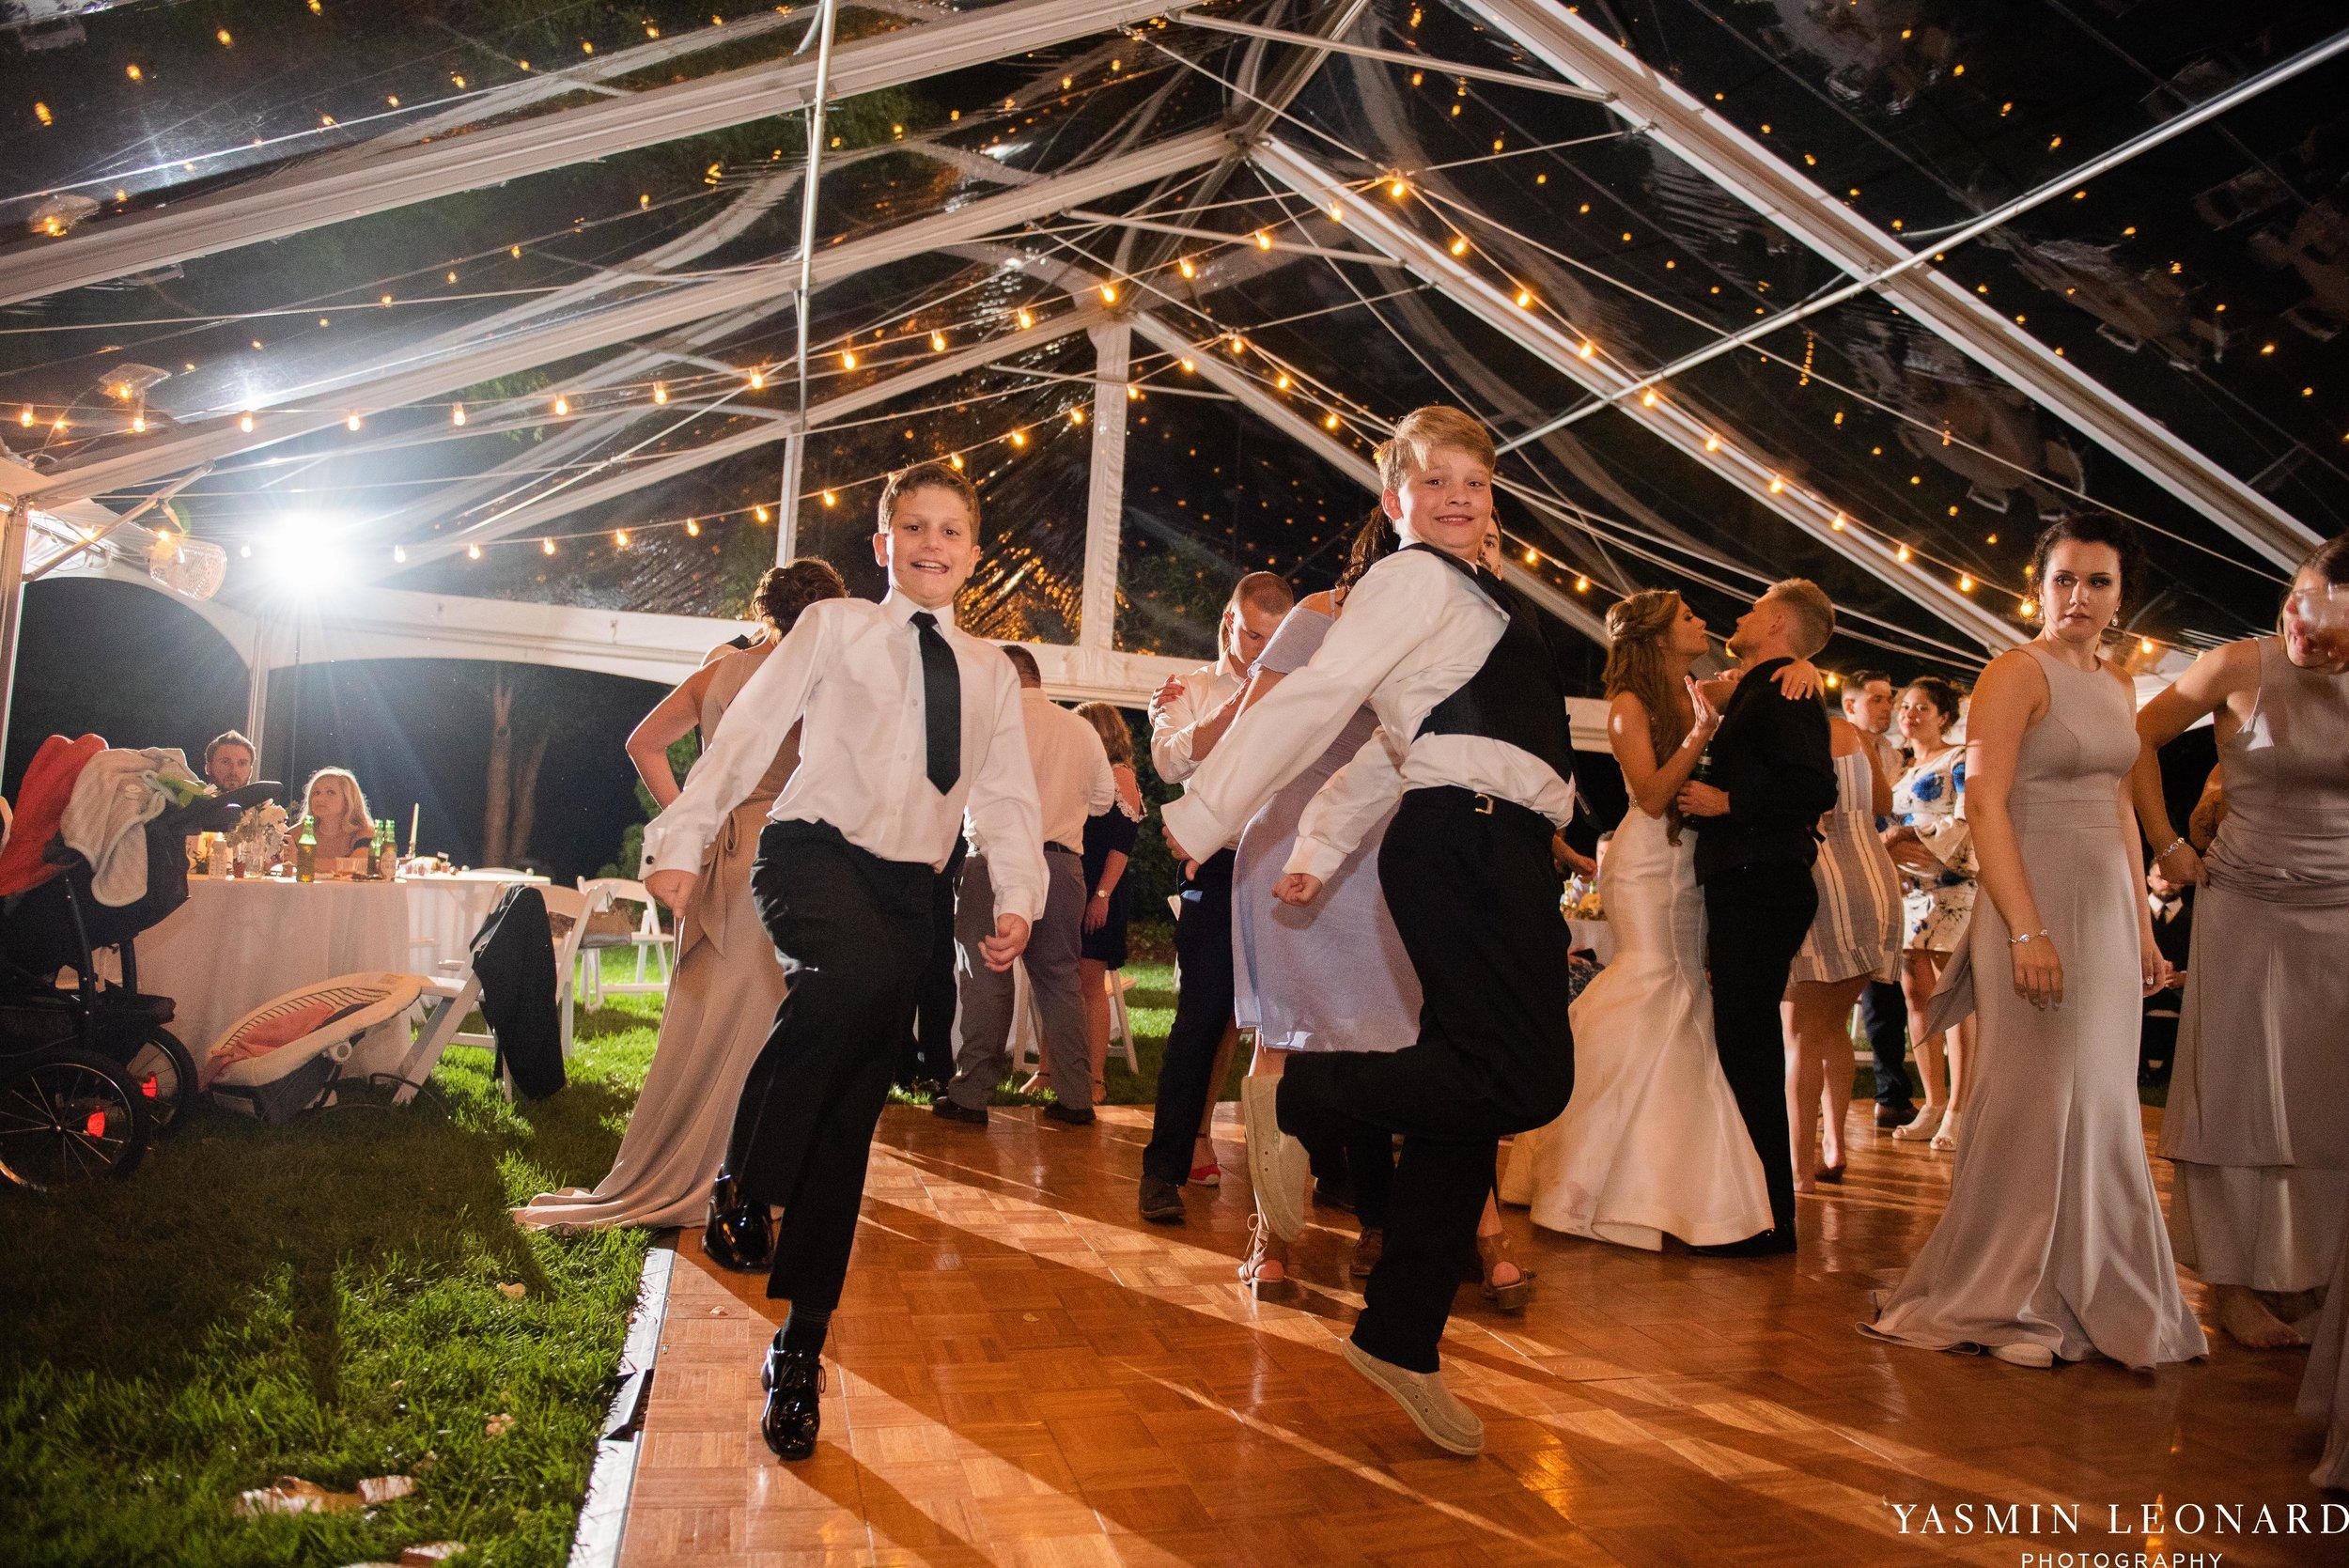 Boxwood Estate - Boxwood Estate Wedding - Luxury Wedding - Black and White Wedding - NC Wedding Venues - NC Weddings - NC Photographer - Lantern Release Grand Exit - Large Wedding Party - Yasmin Leonard Photography-85.jpg